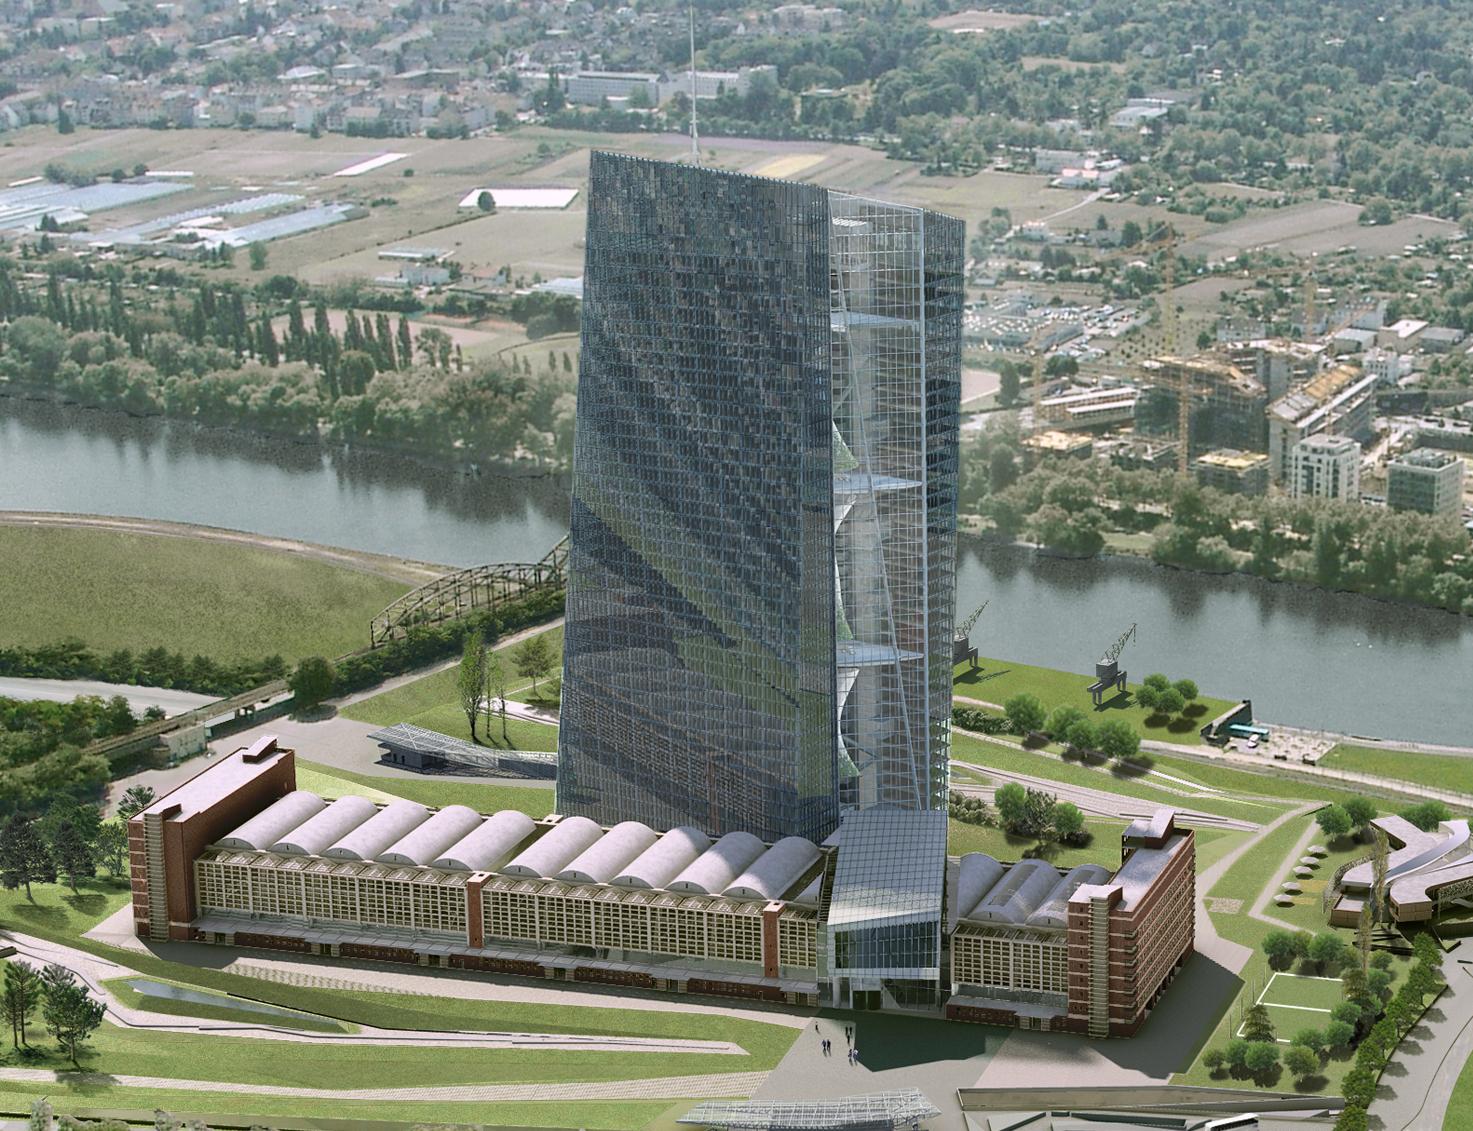 la nueva sede del bce, un rascacielos de 185 metros de altura y 45 plantas, costará en torno a 1.150 millones de euros